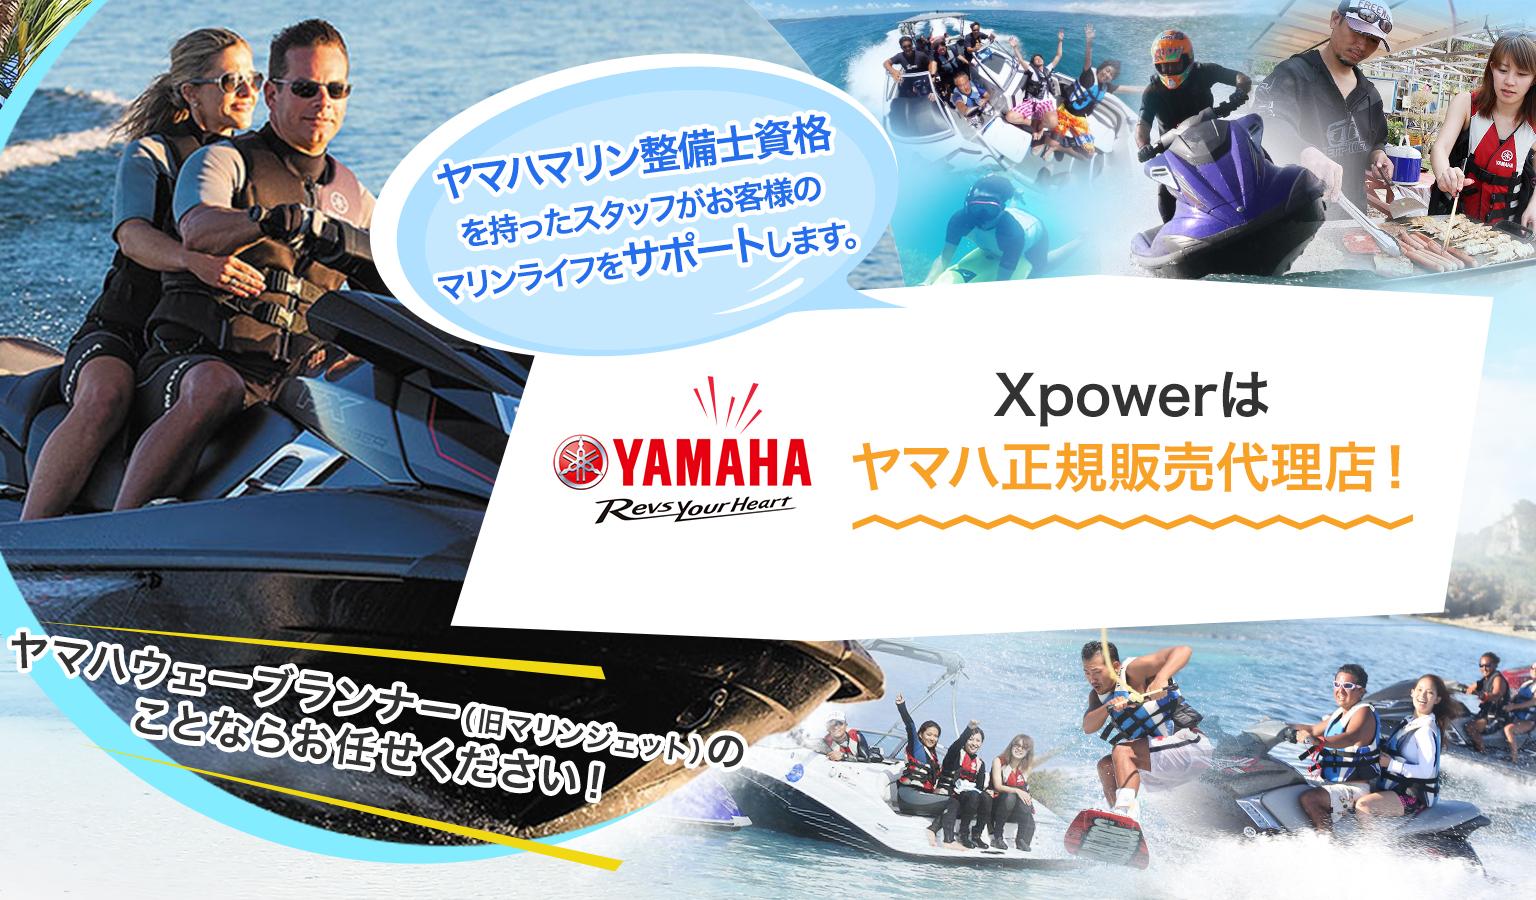 Xpower(エックスパワー)はヤマハ正規販売代理店!